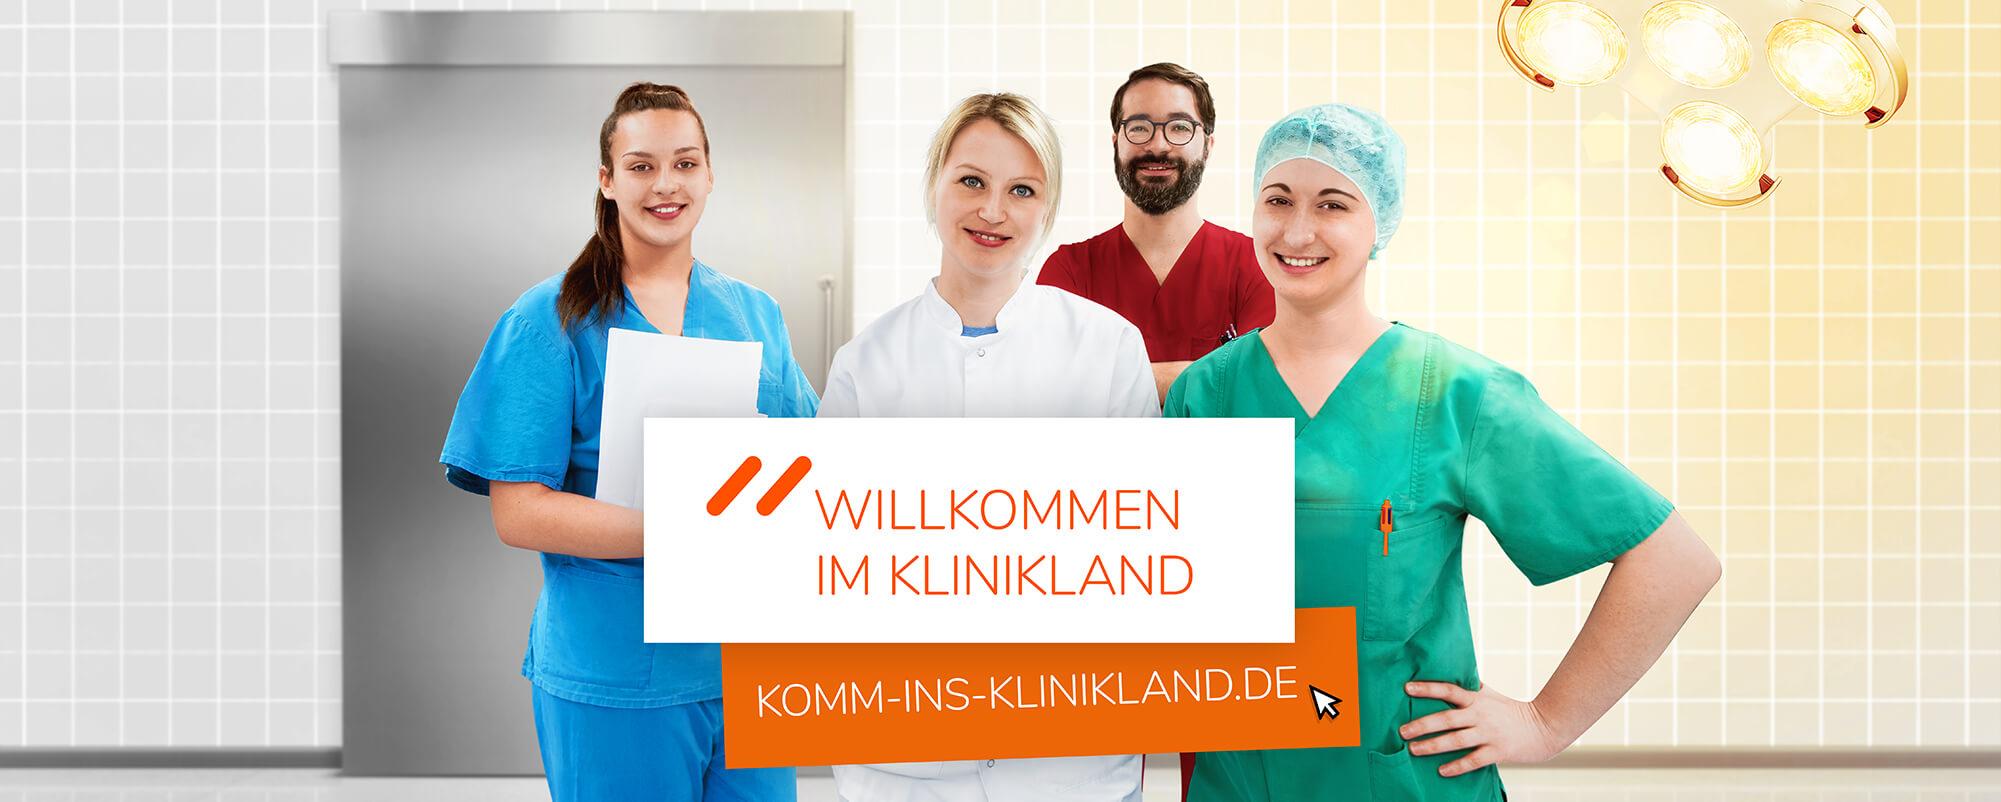 KKL_Komm_ins_Klinikland_Banner2_small